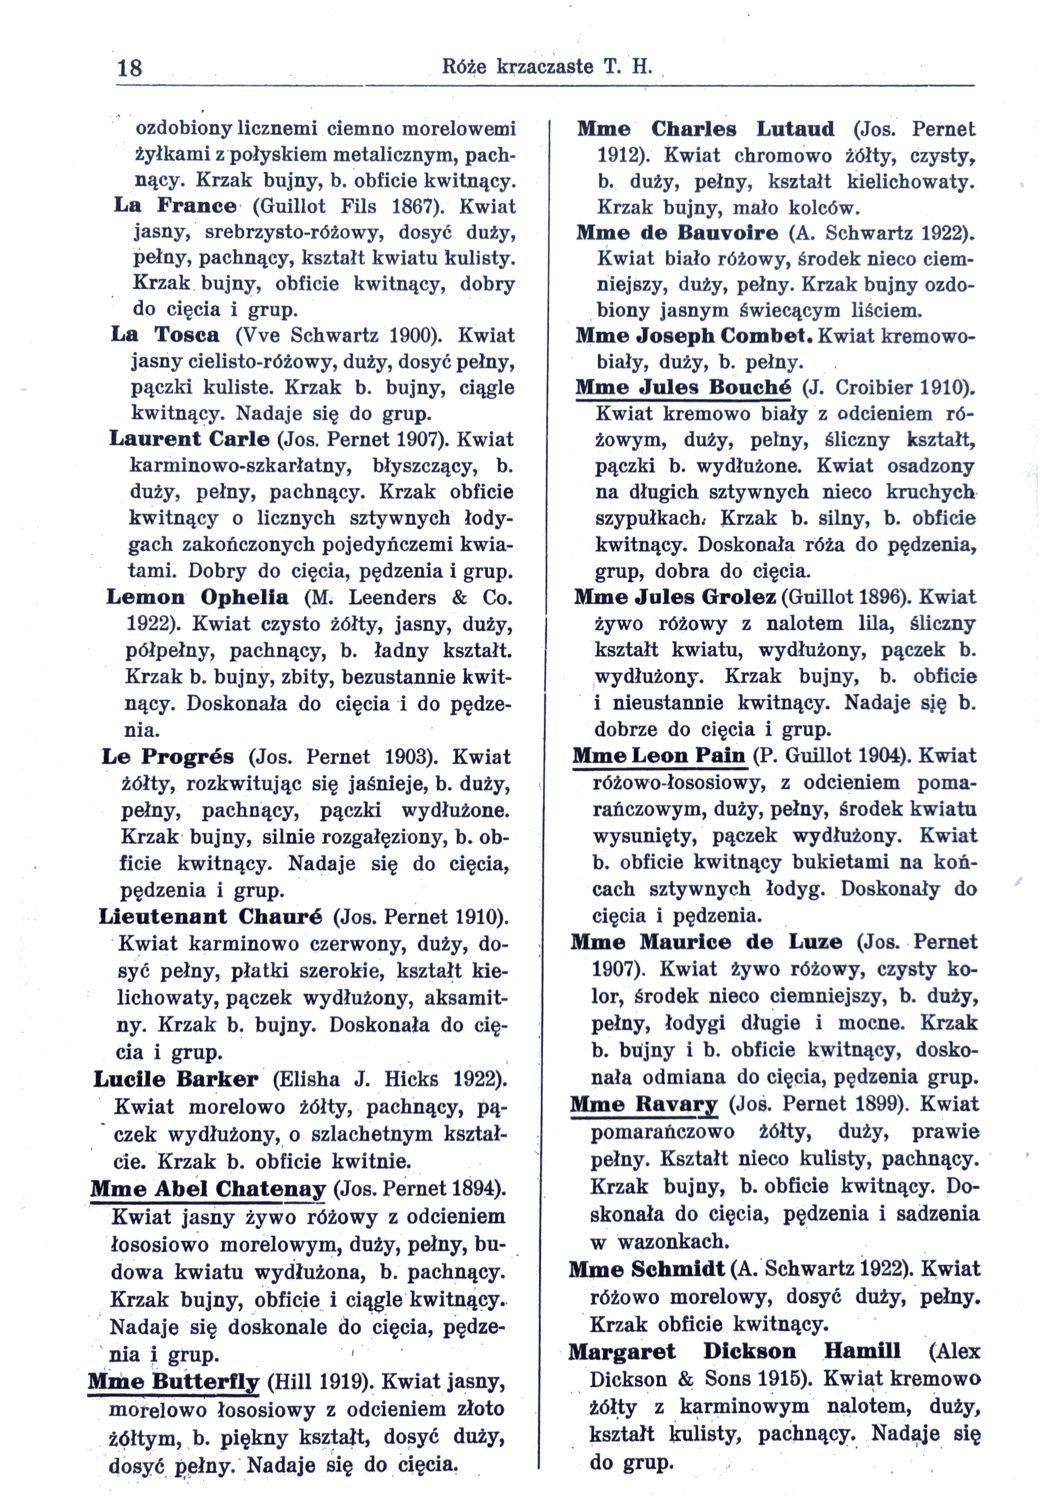 Cennik szkółek ogrodniczych Stanisława Dzieduszyckiego 18